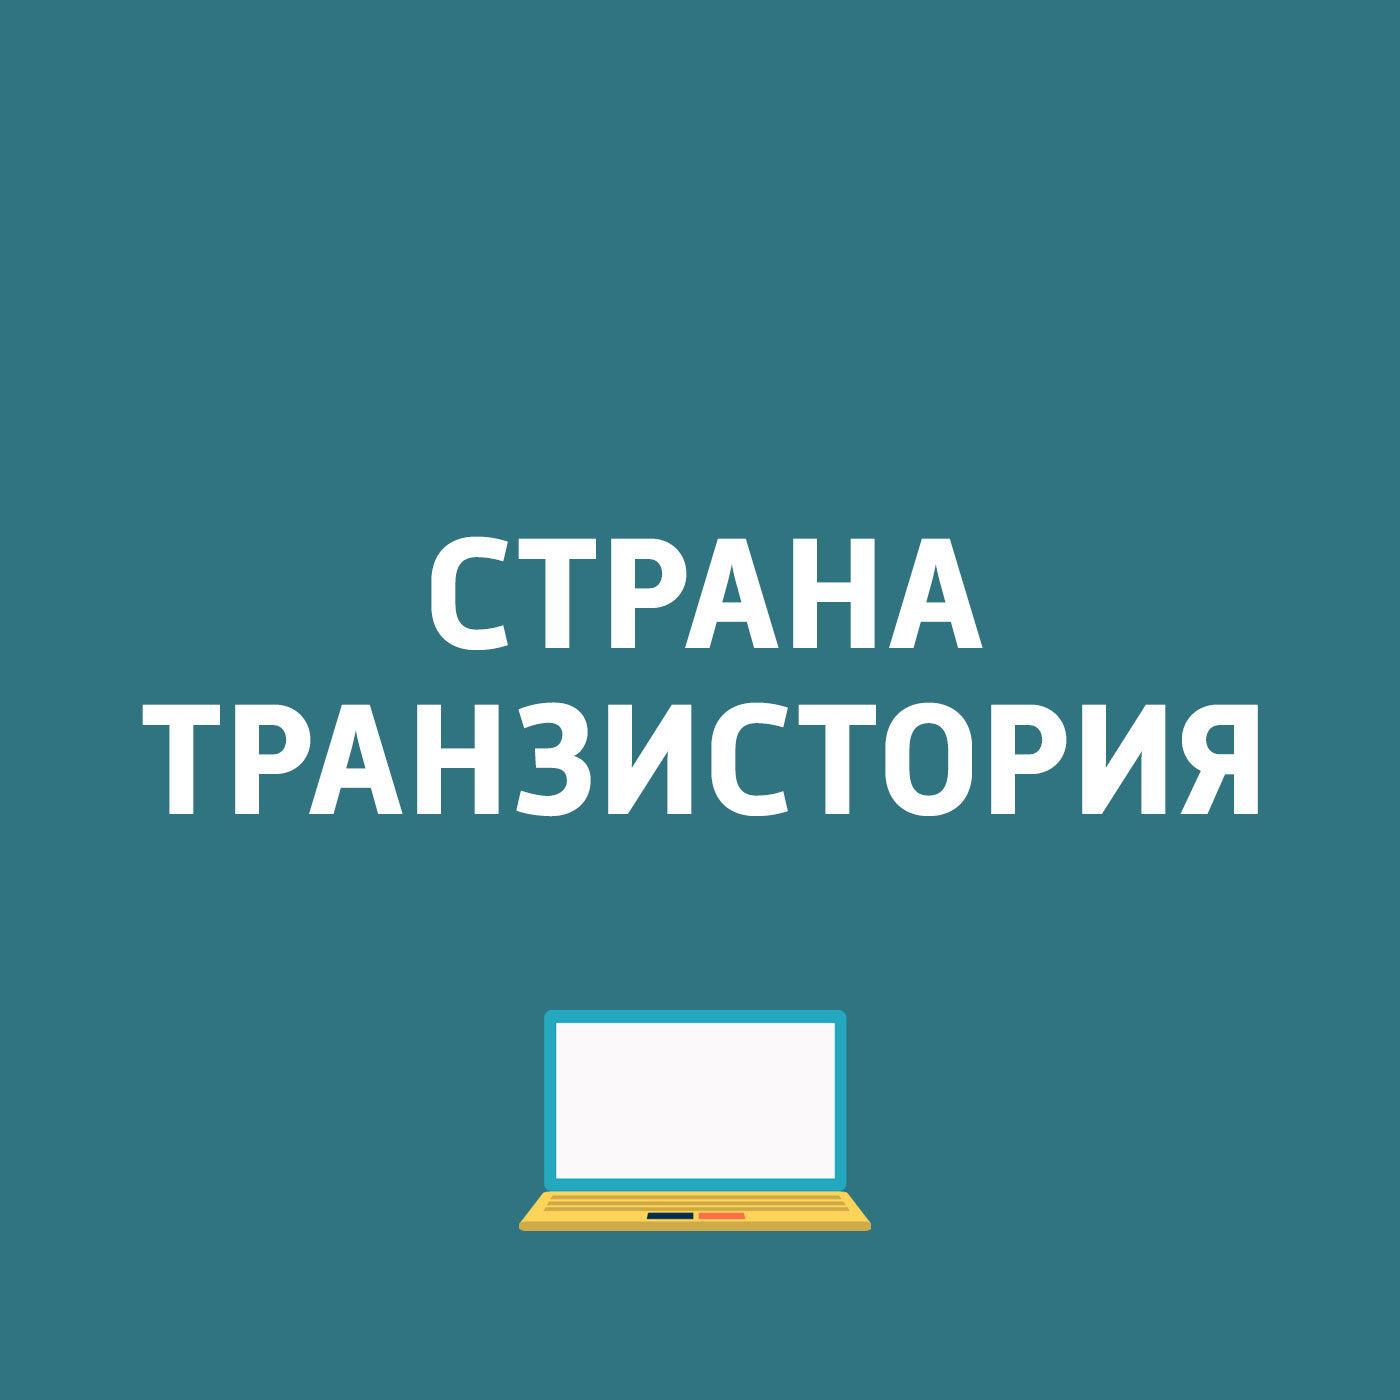 Картаев Павел Выставка IFA 2018: каких новинок ждать? выставка munk 2019 05 09t14 30